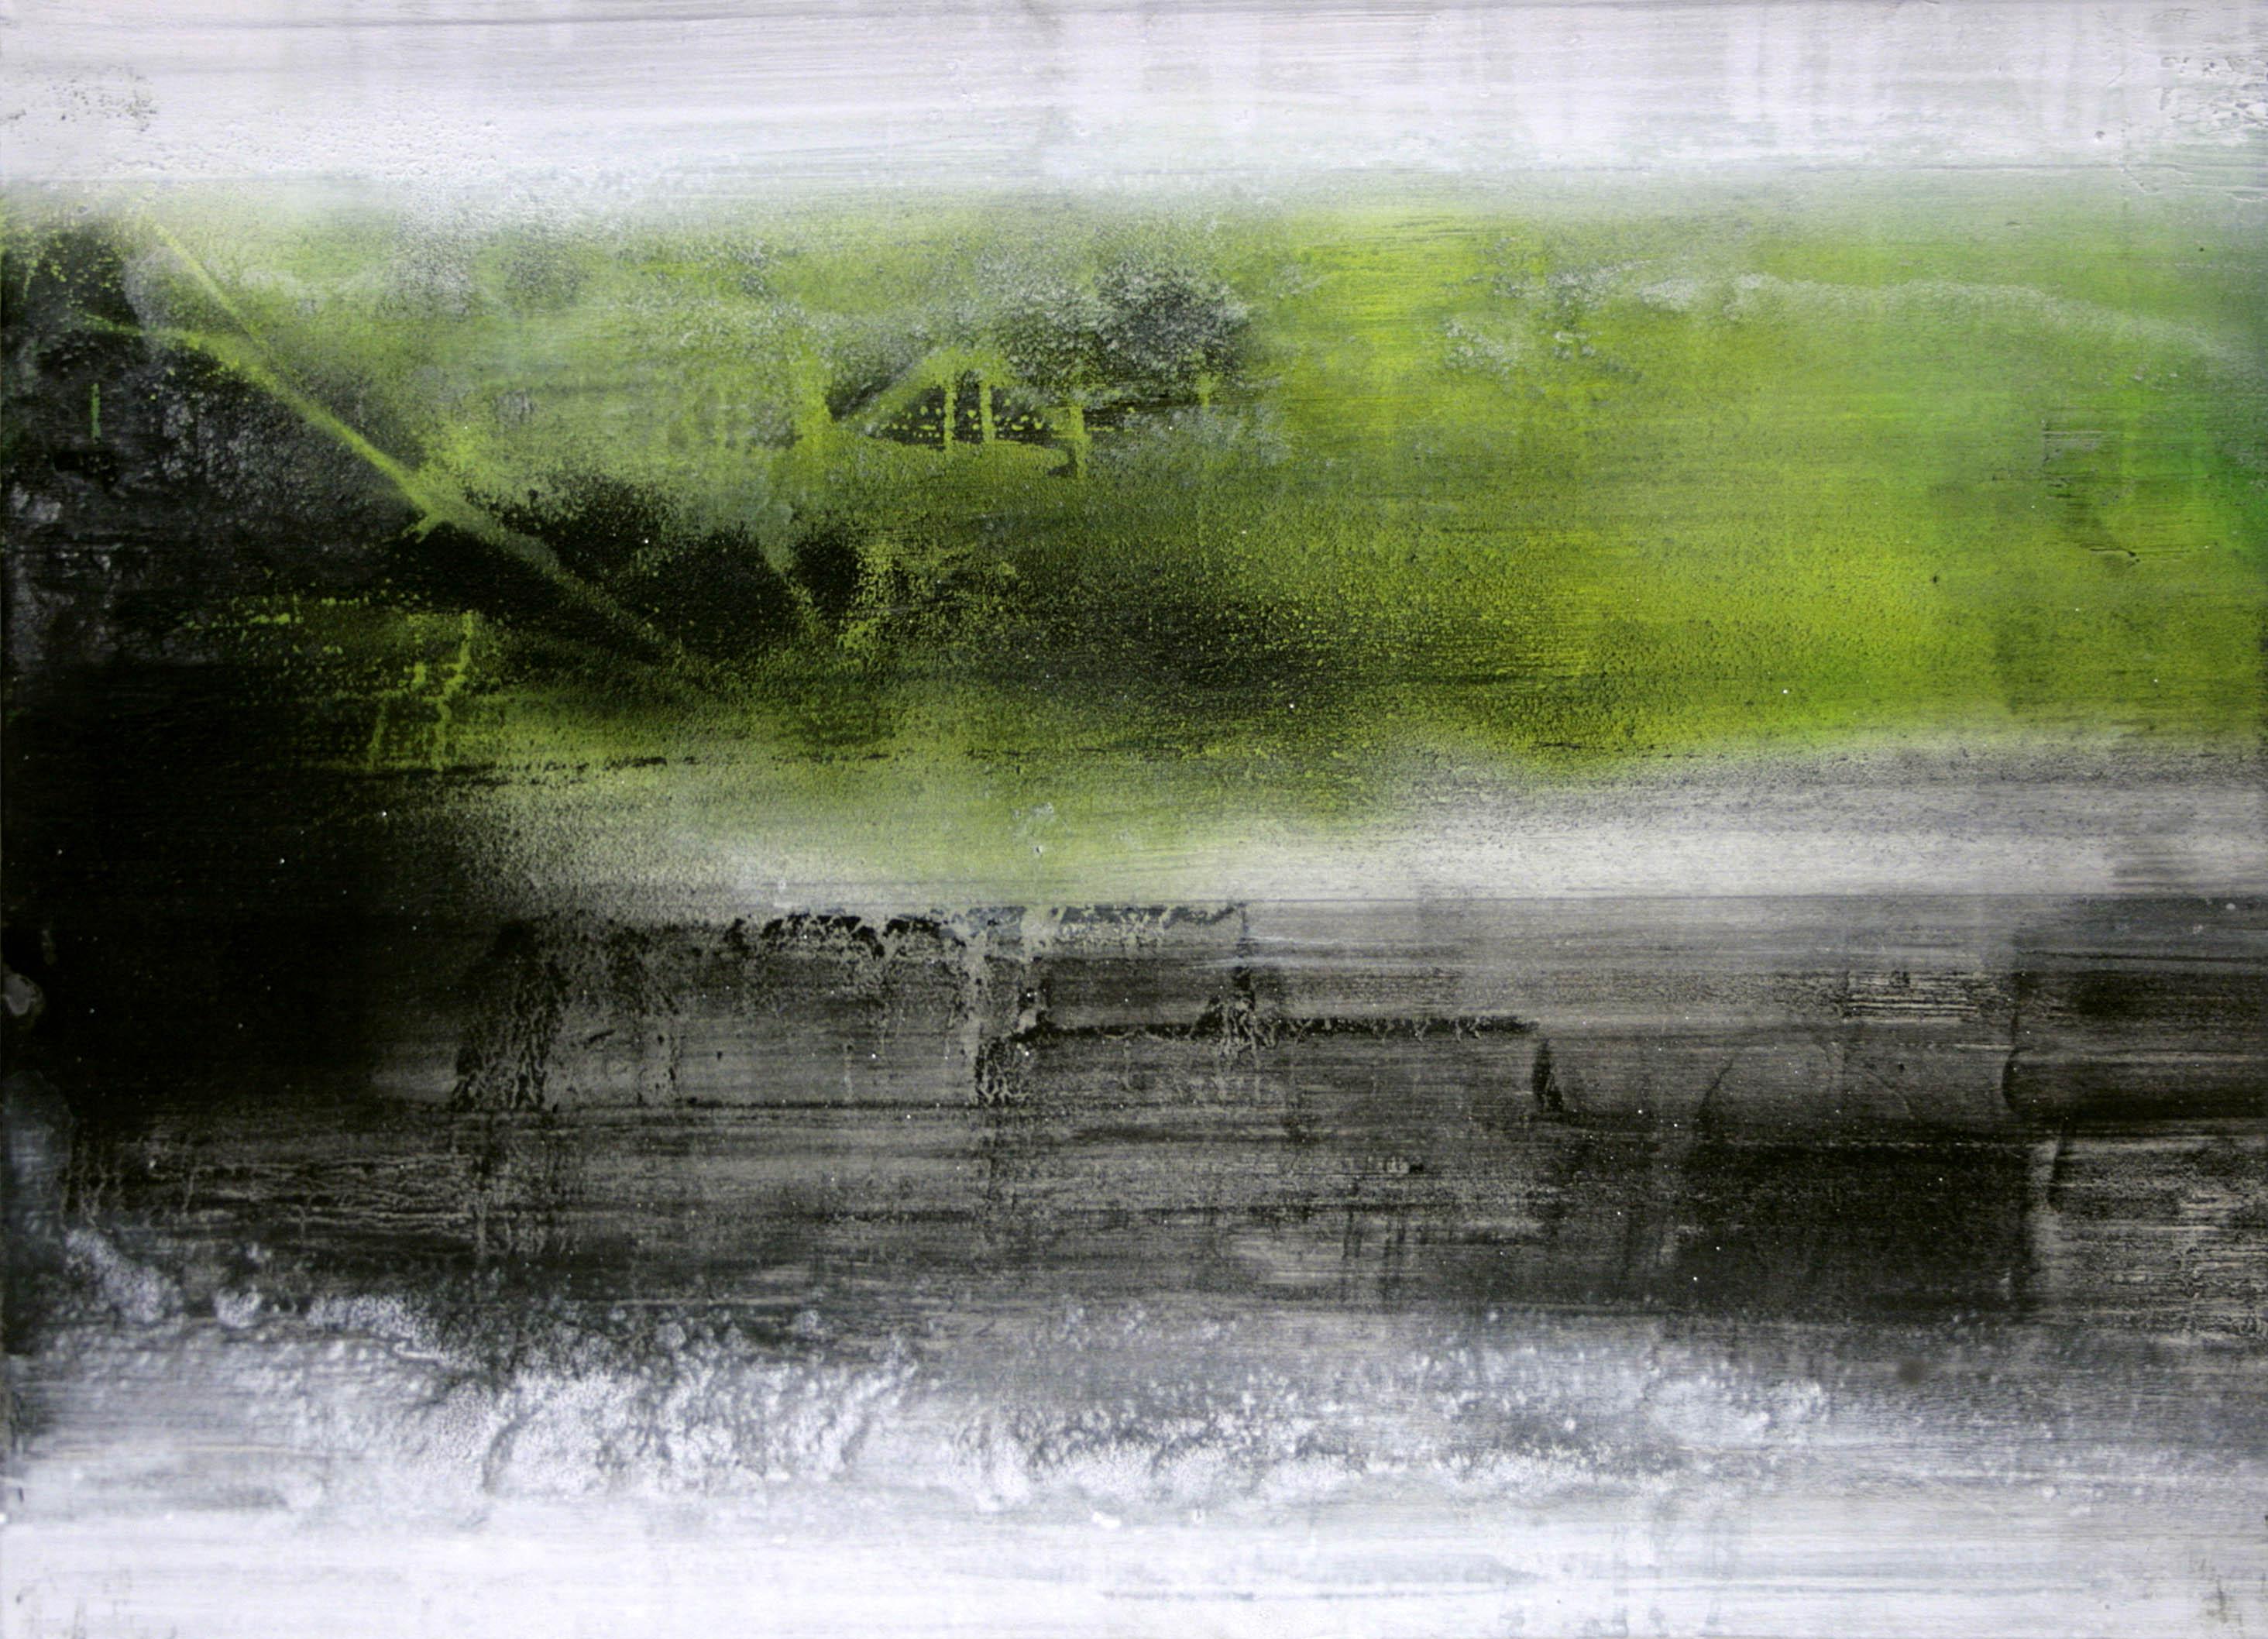 Paolo Bini, Place, 2012, acrilico e mica su tavola, cm 50x70